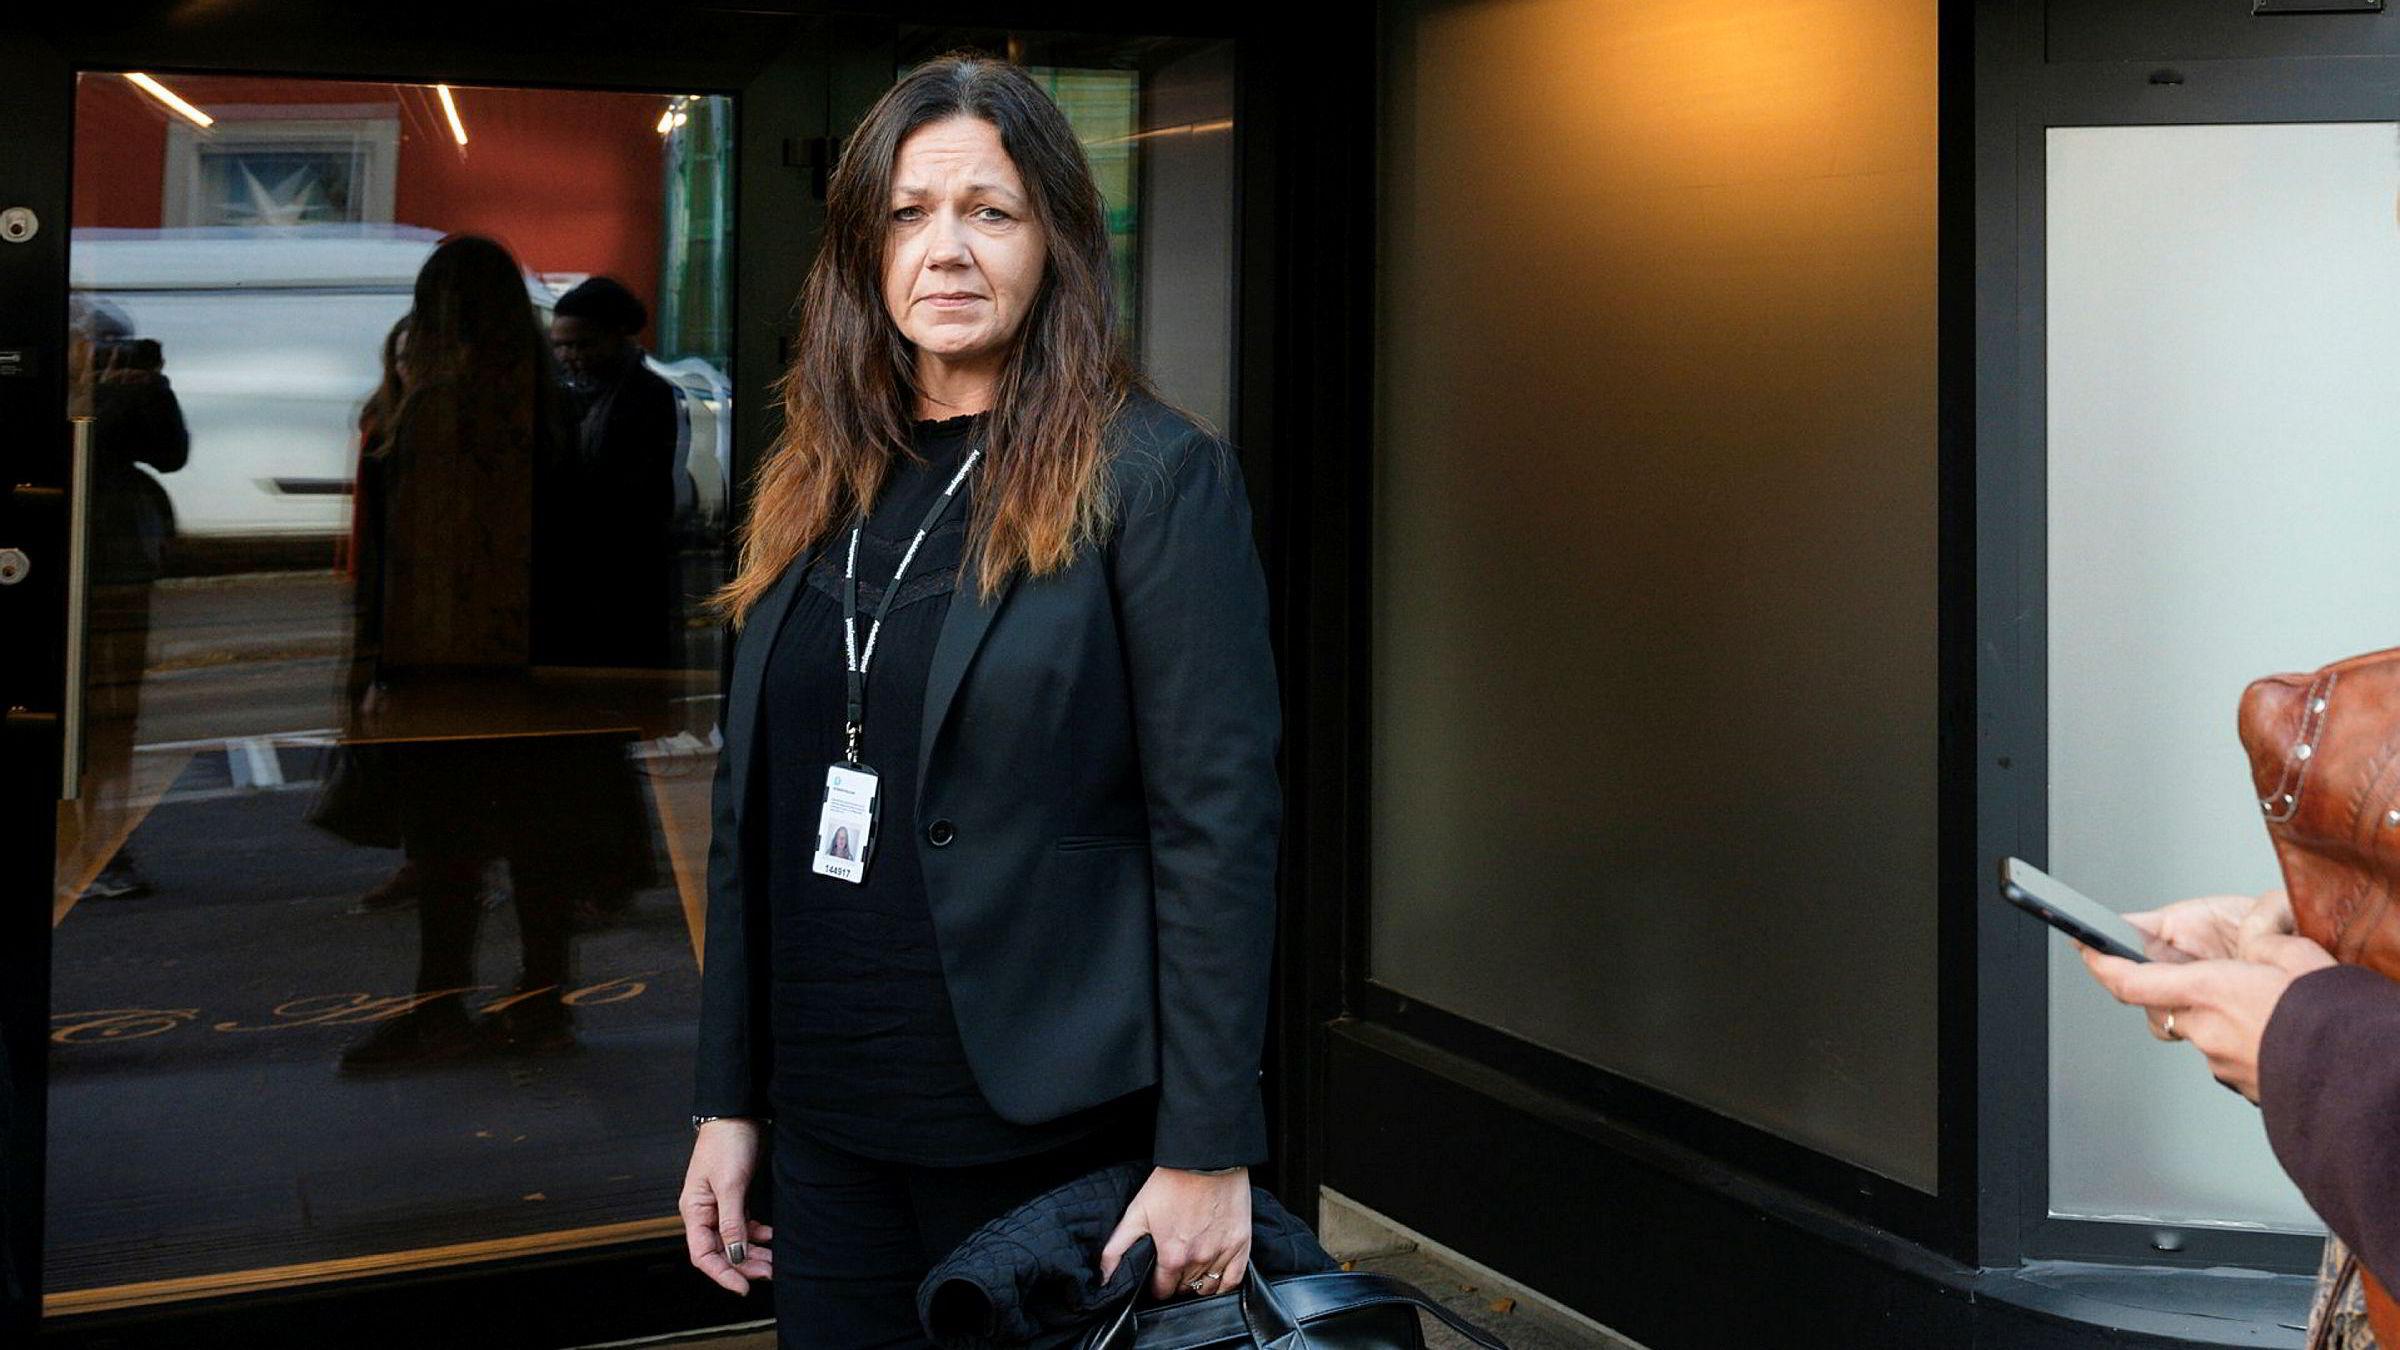 Onsdag møtte Arbeidstilsynet Espresso House på deres hovedkontor i Oslo. Trine Hammer sier en ny vurdering må tas fra tilsynets side, før de vet hva som skjer videre.